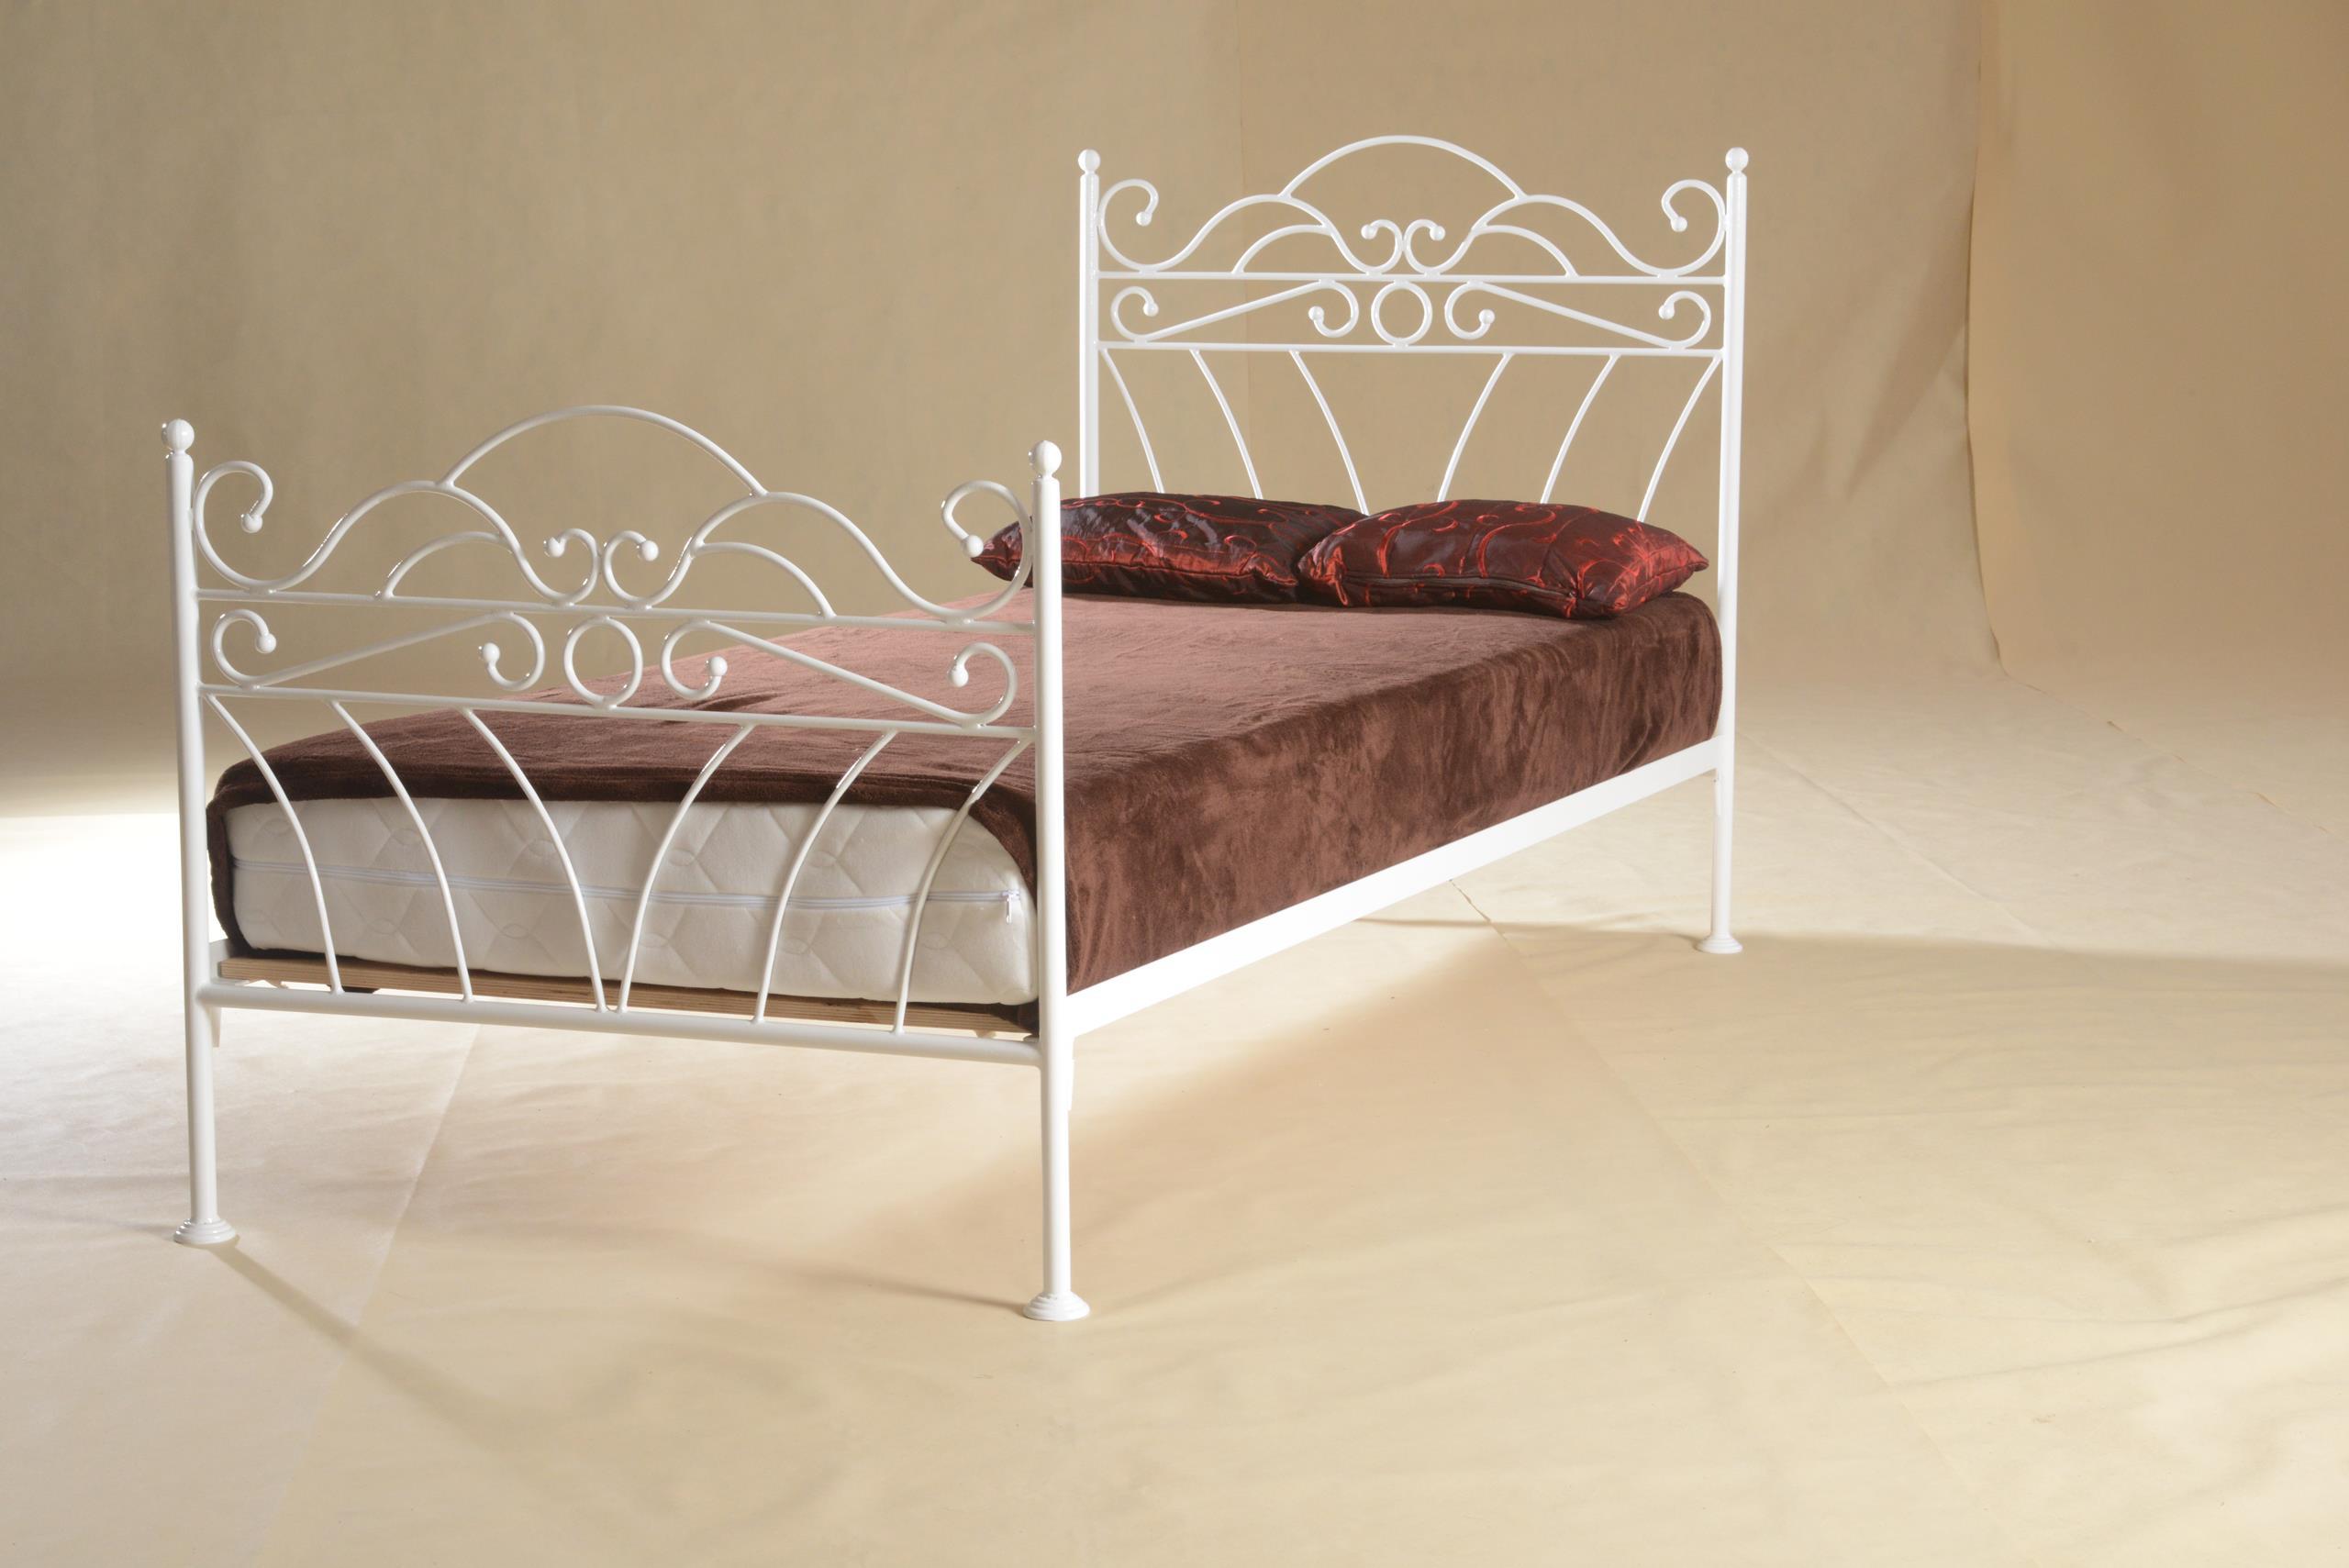 łóżko Metalowe Białe Wiking 90x200 Glamour Kute